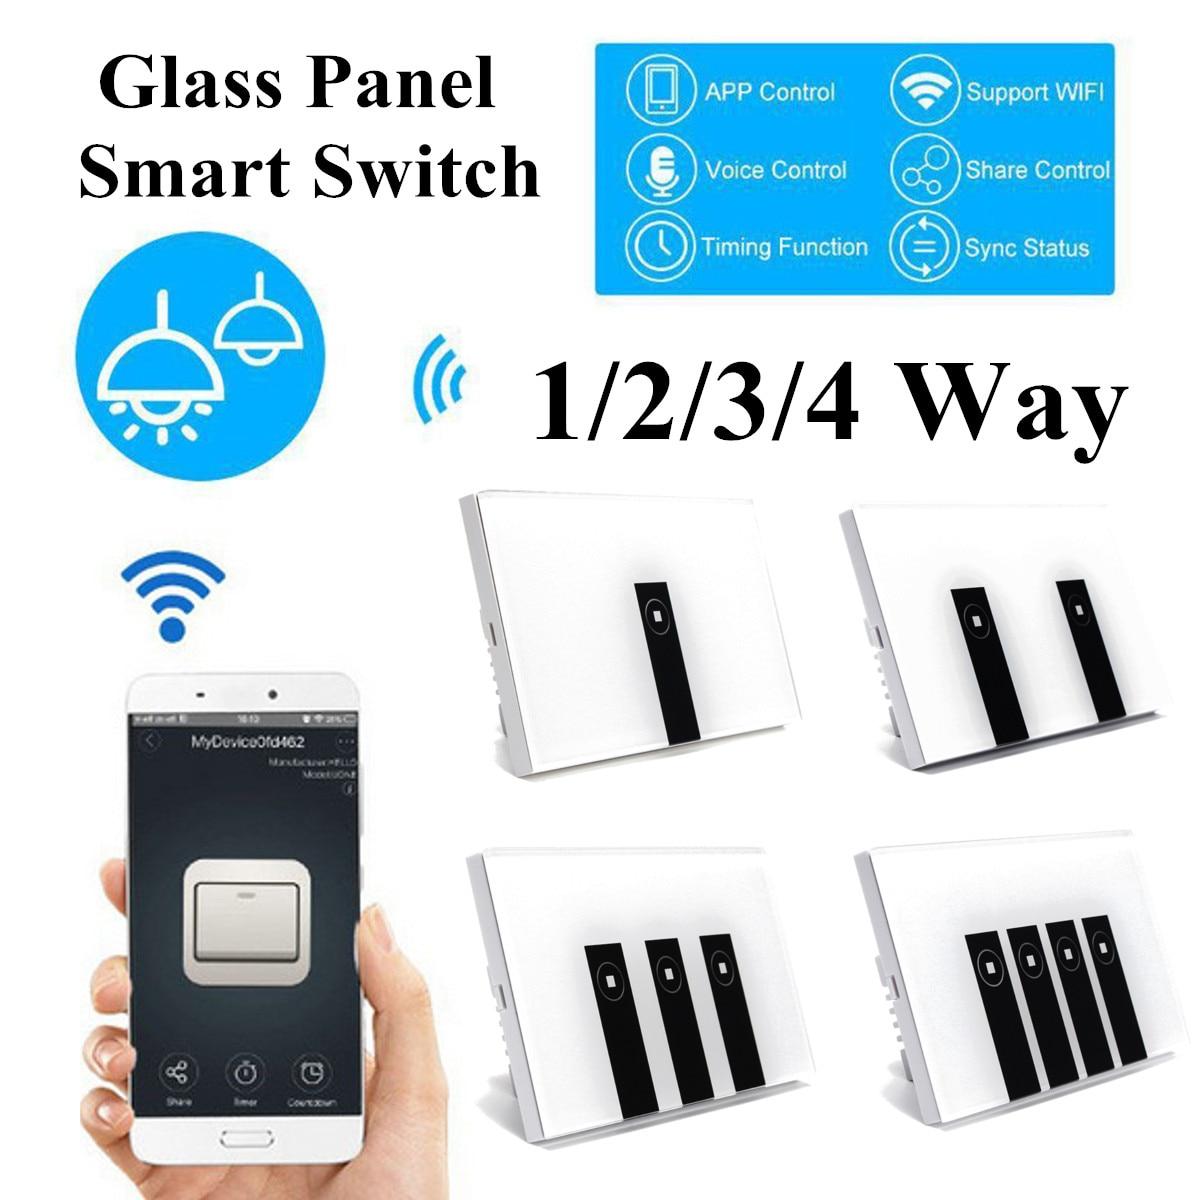 Smart télécommande APP Wifi commutateur tactile 1/2/3/4 Gang panneau de commutateur de lumière murale en verre travailler avec Alexa, Google fournitures pour la maison